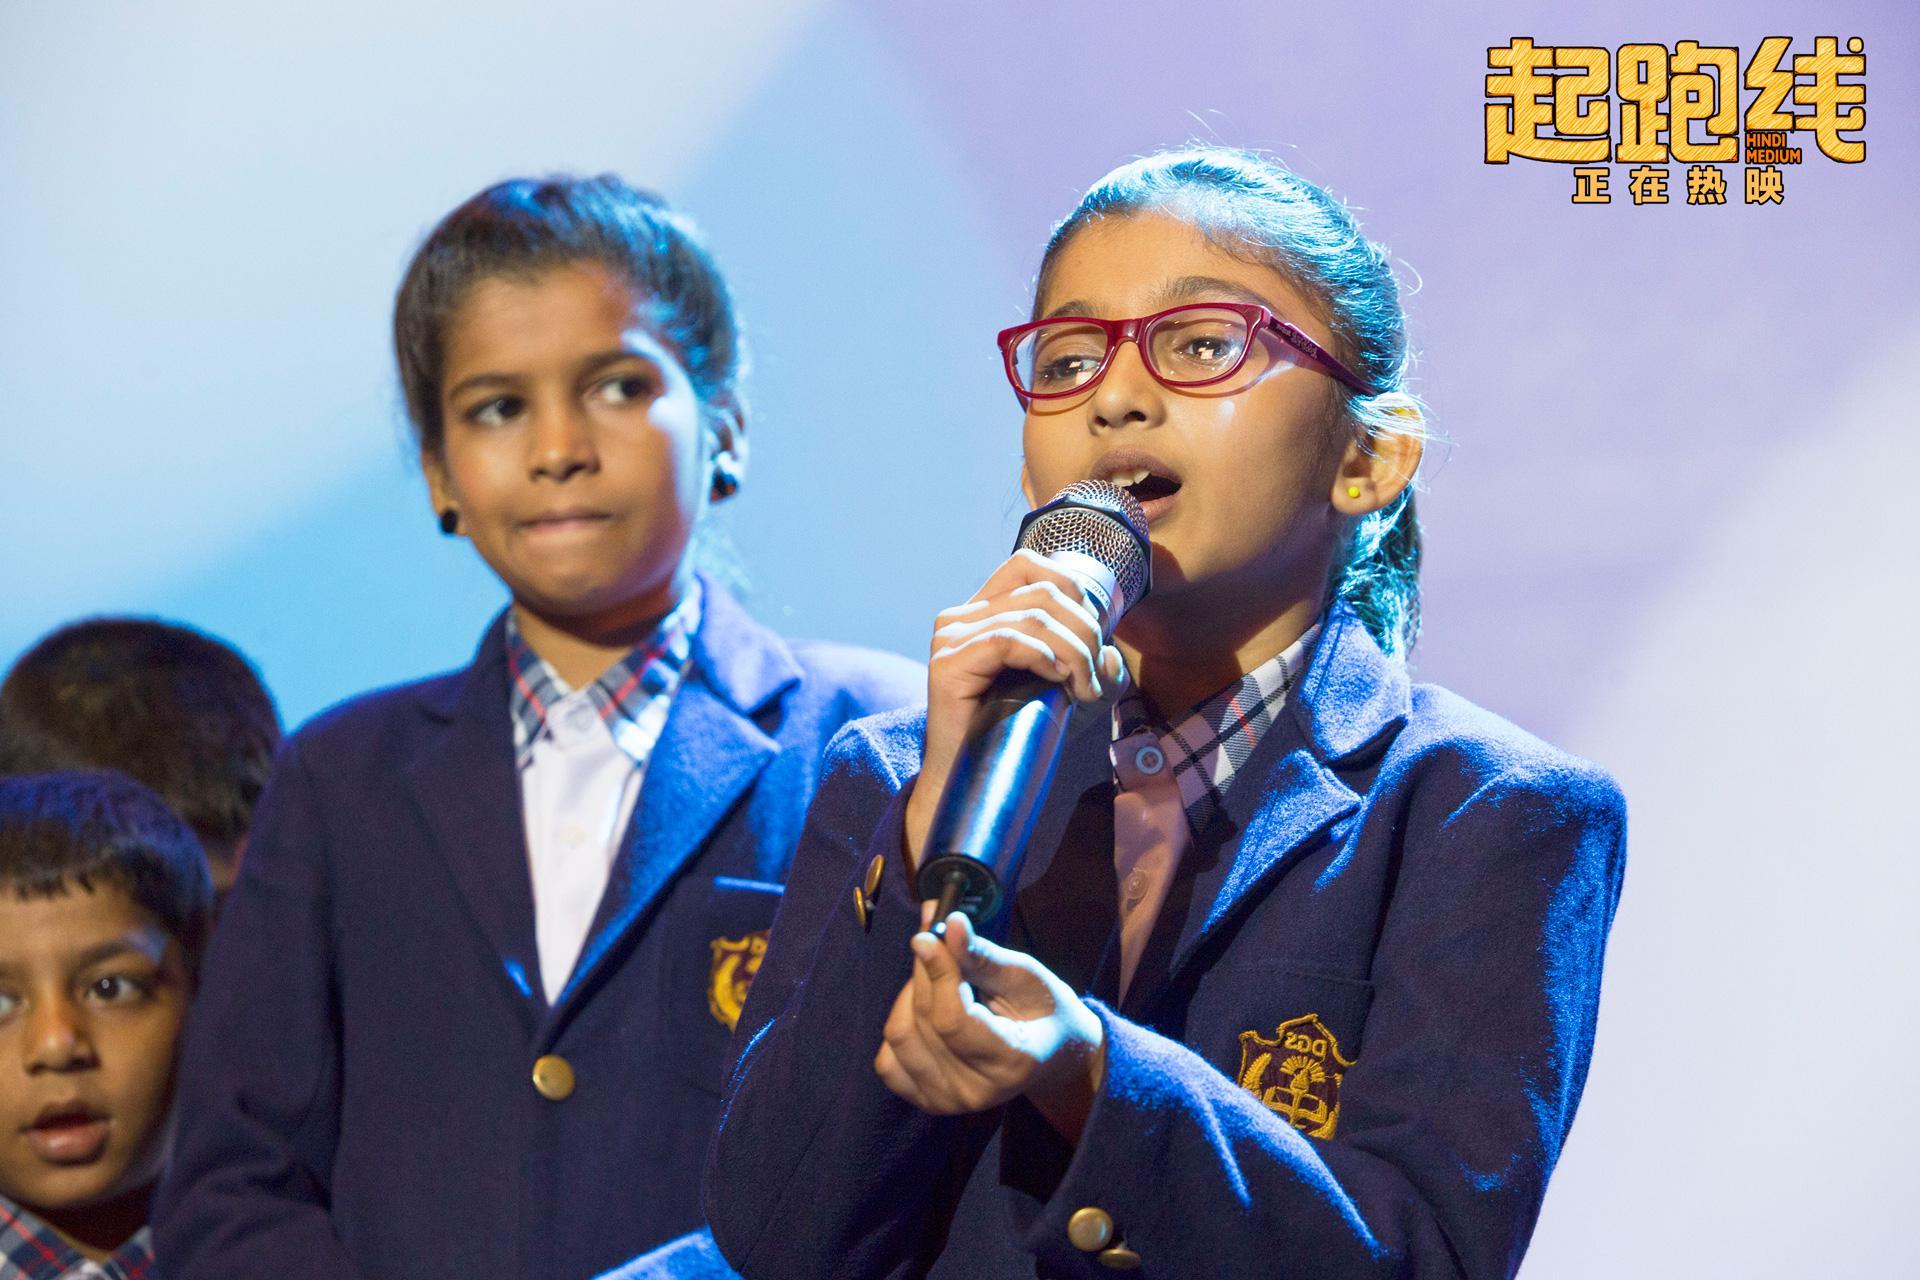 公立学校学生献唱